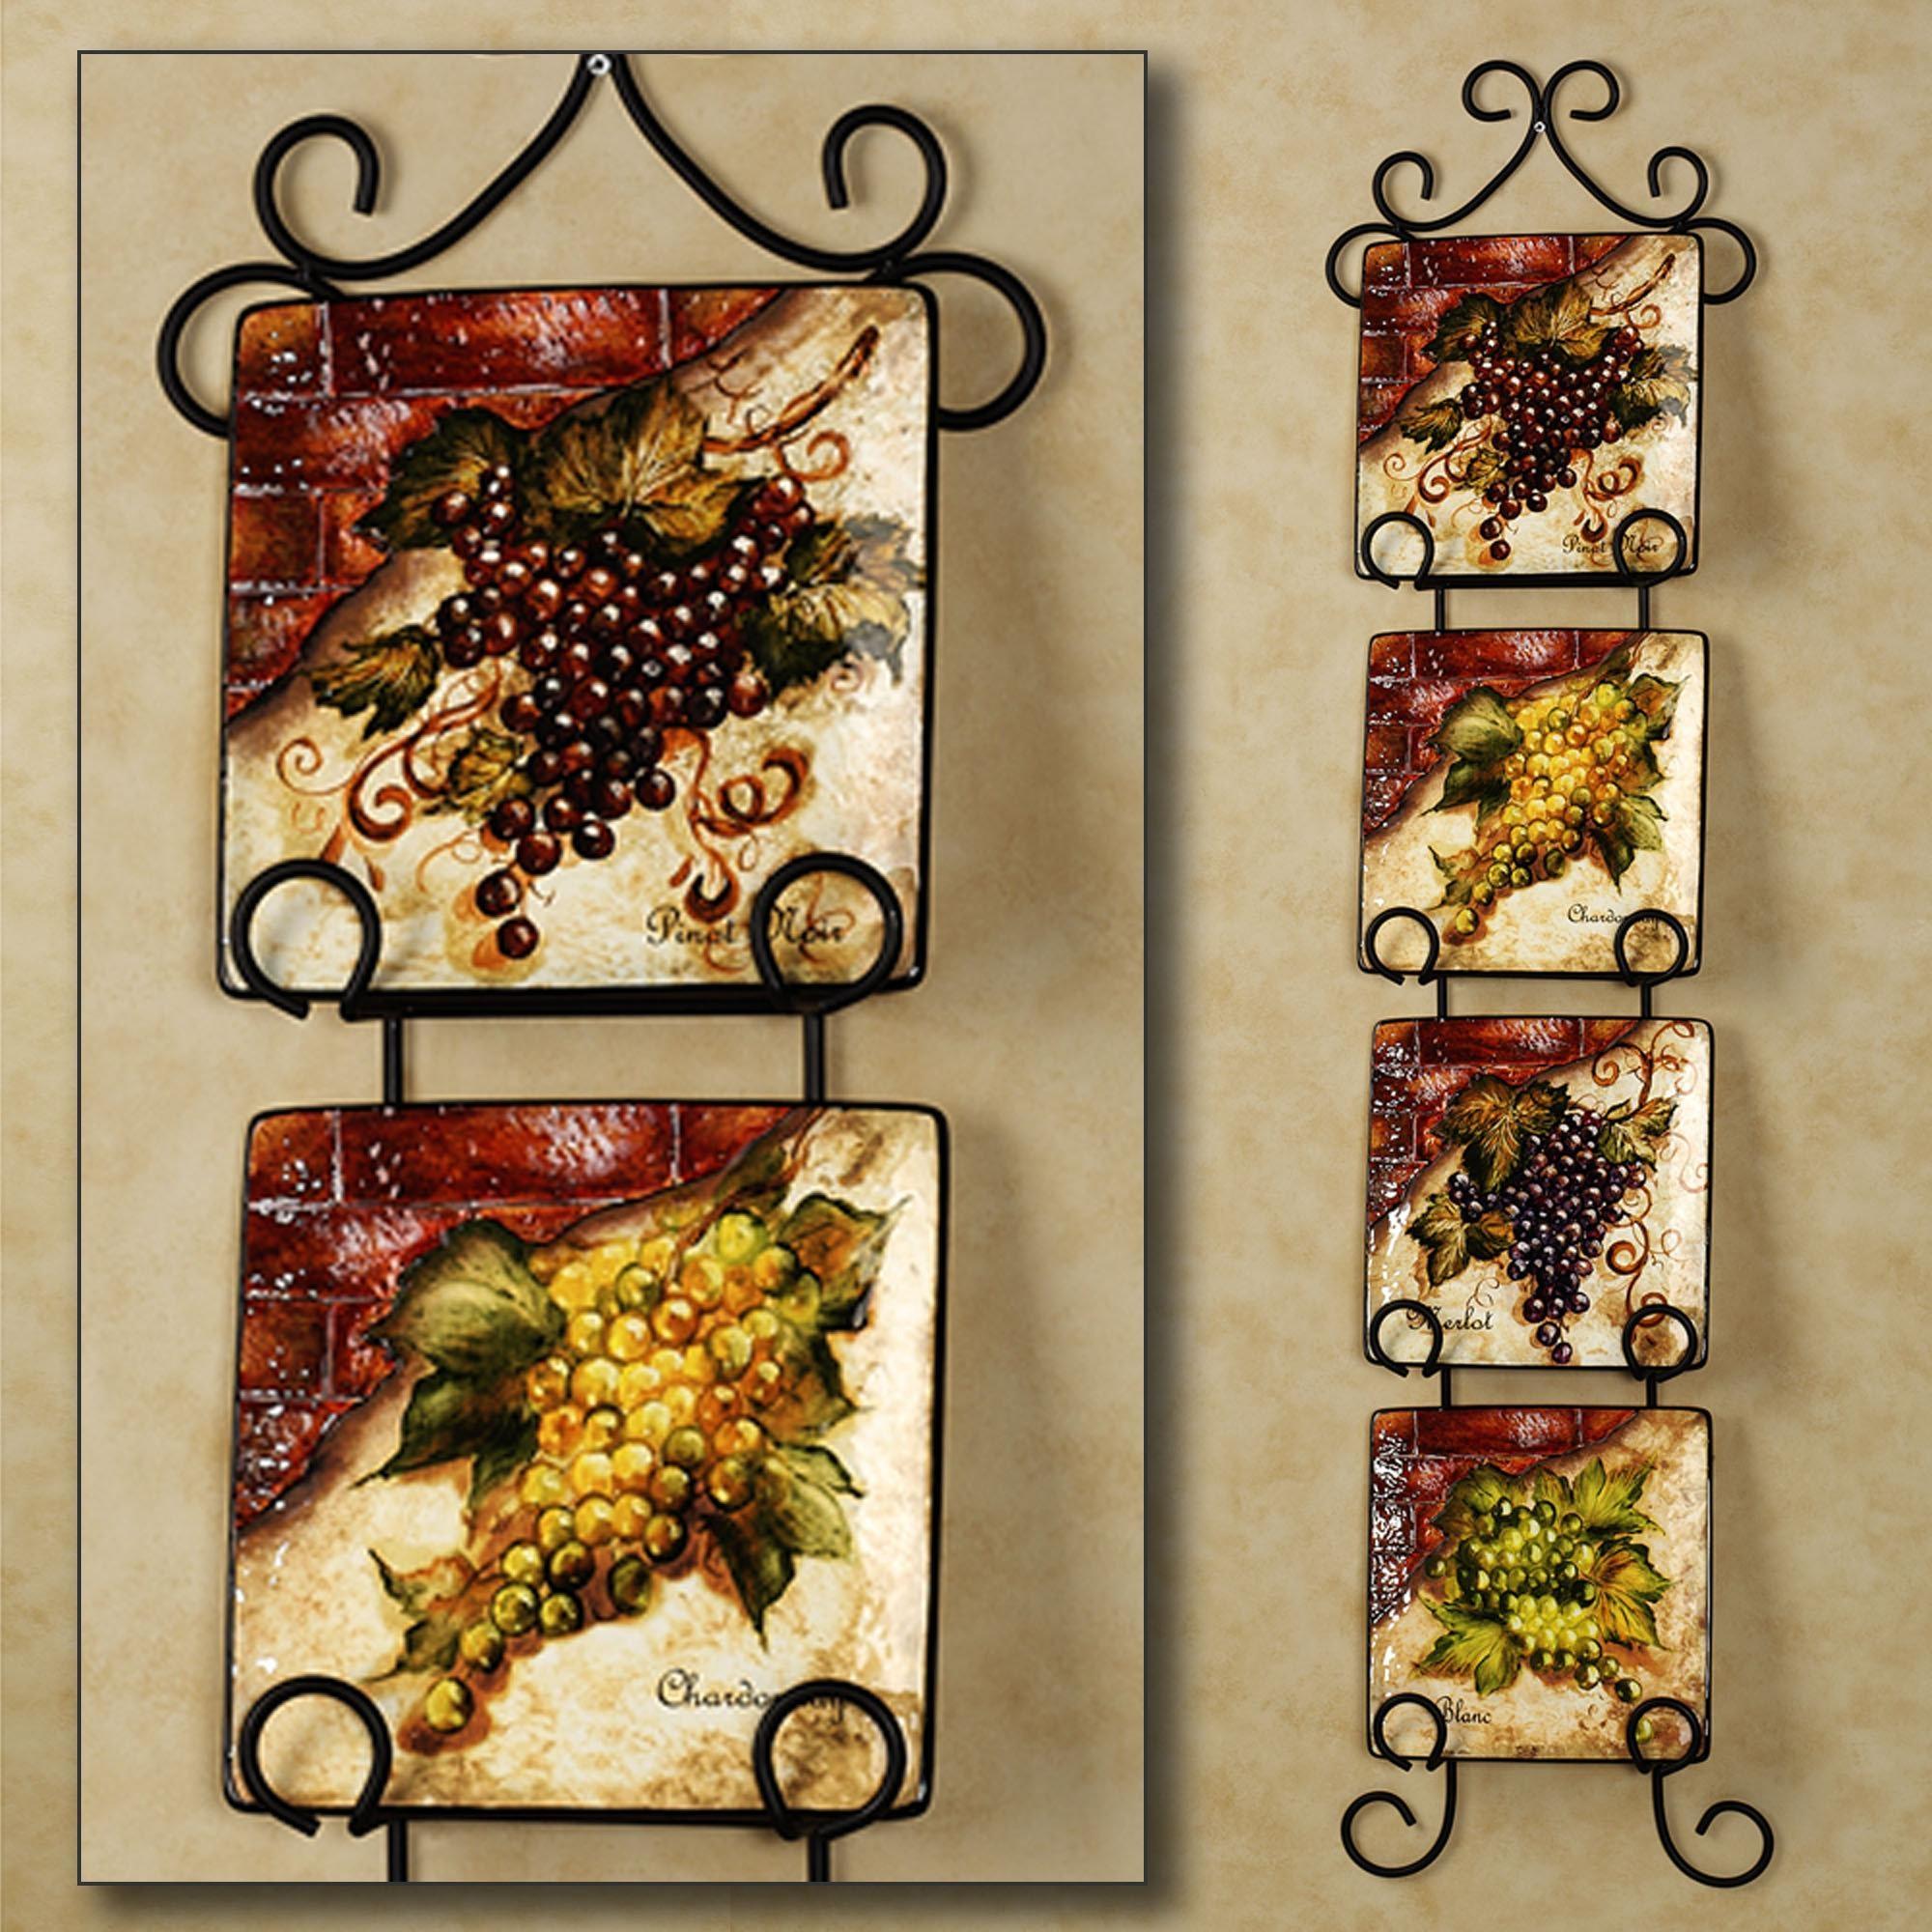 Kitchen Wall Art Ideas: 20 Best Collection Of Grape Vineyard Wall Art